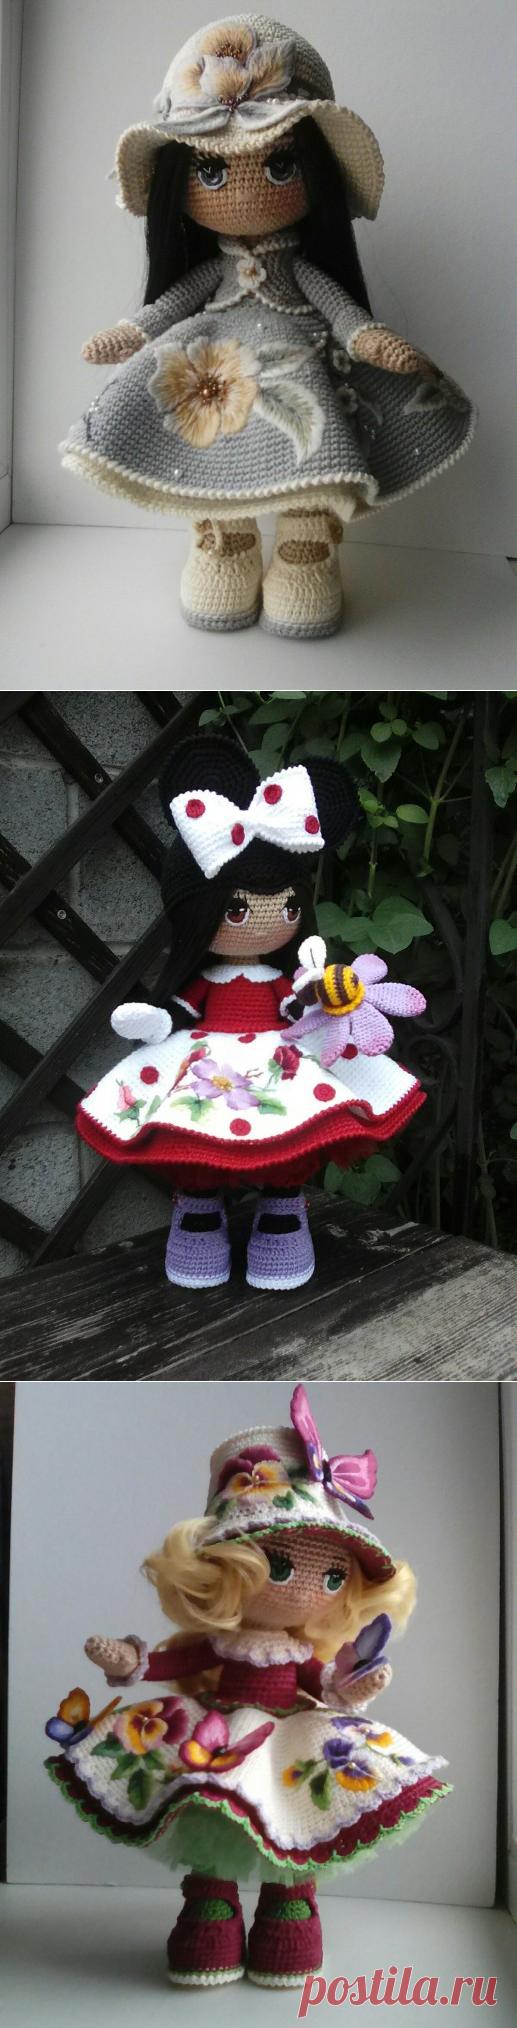 Кукольная сказка от Ольги Архиповой